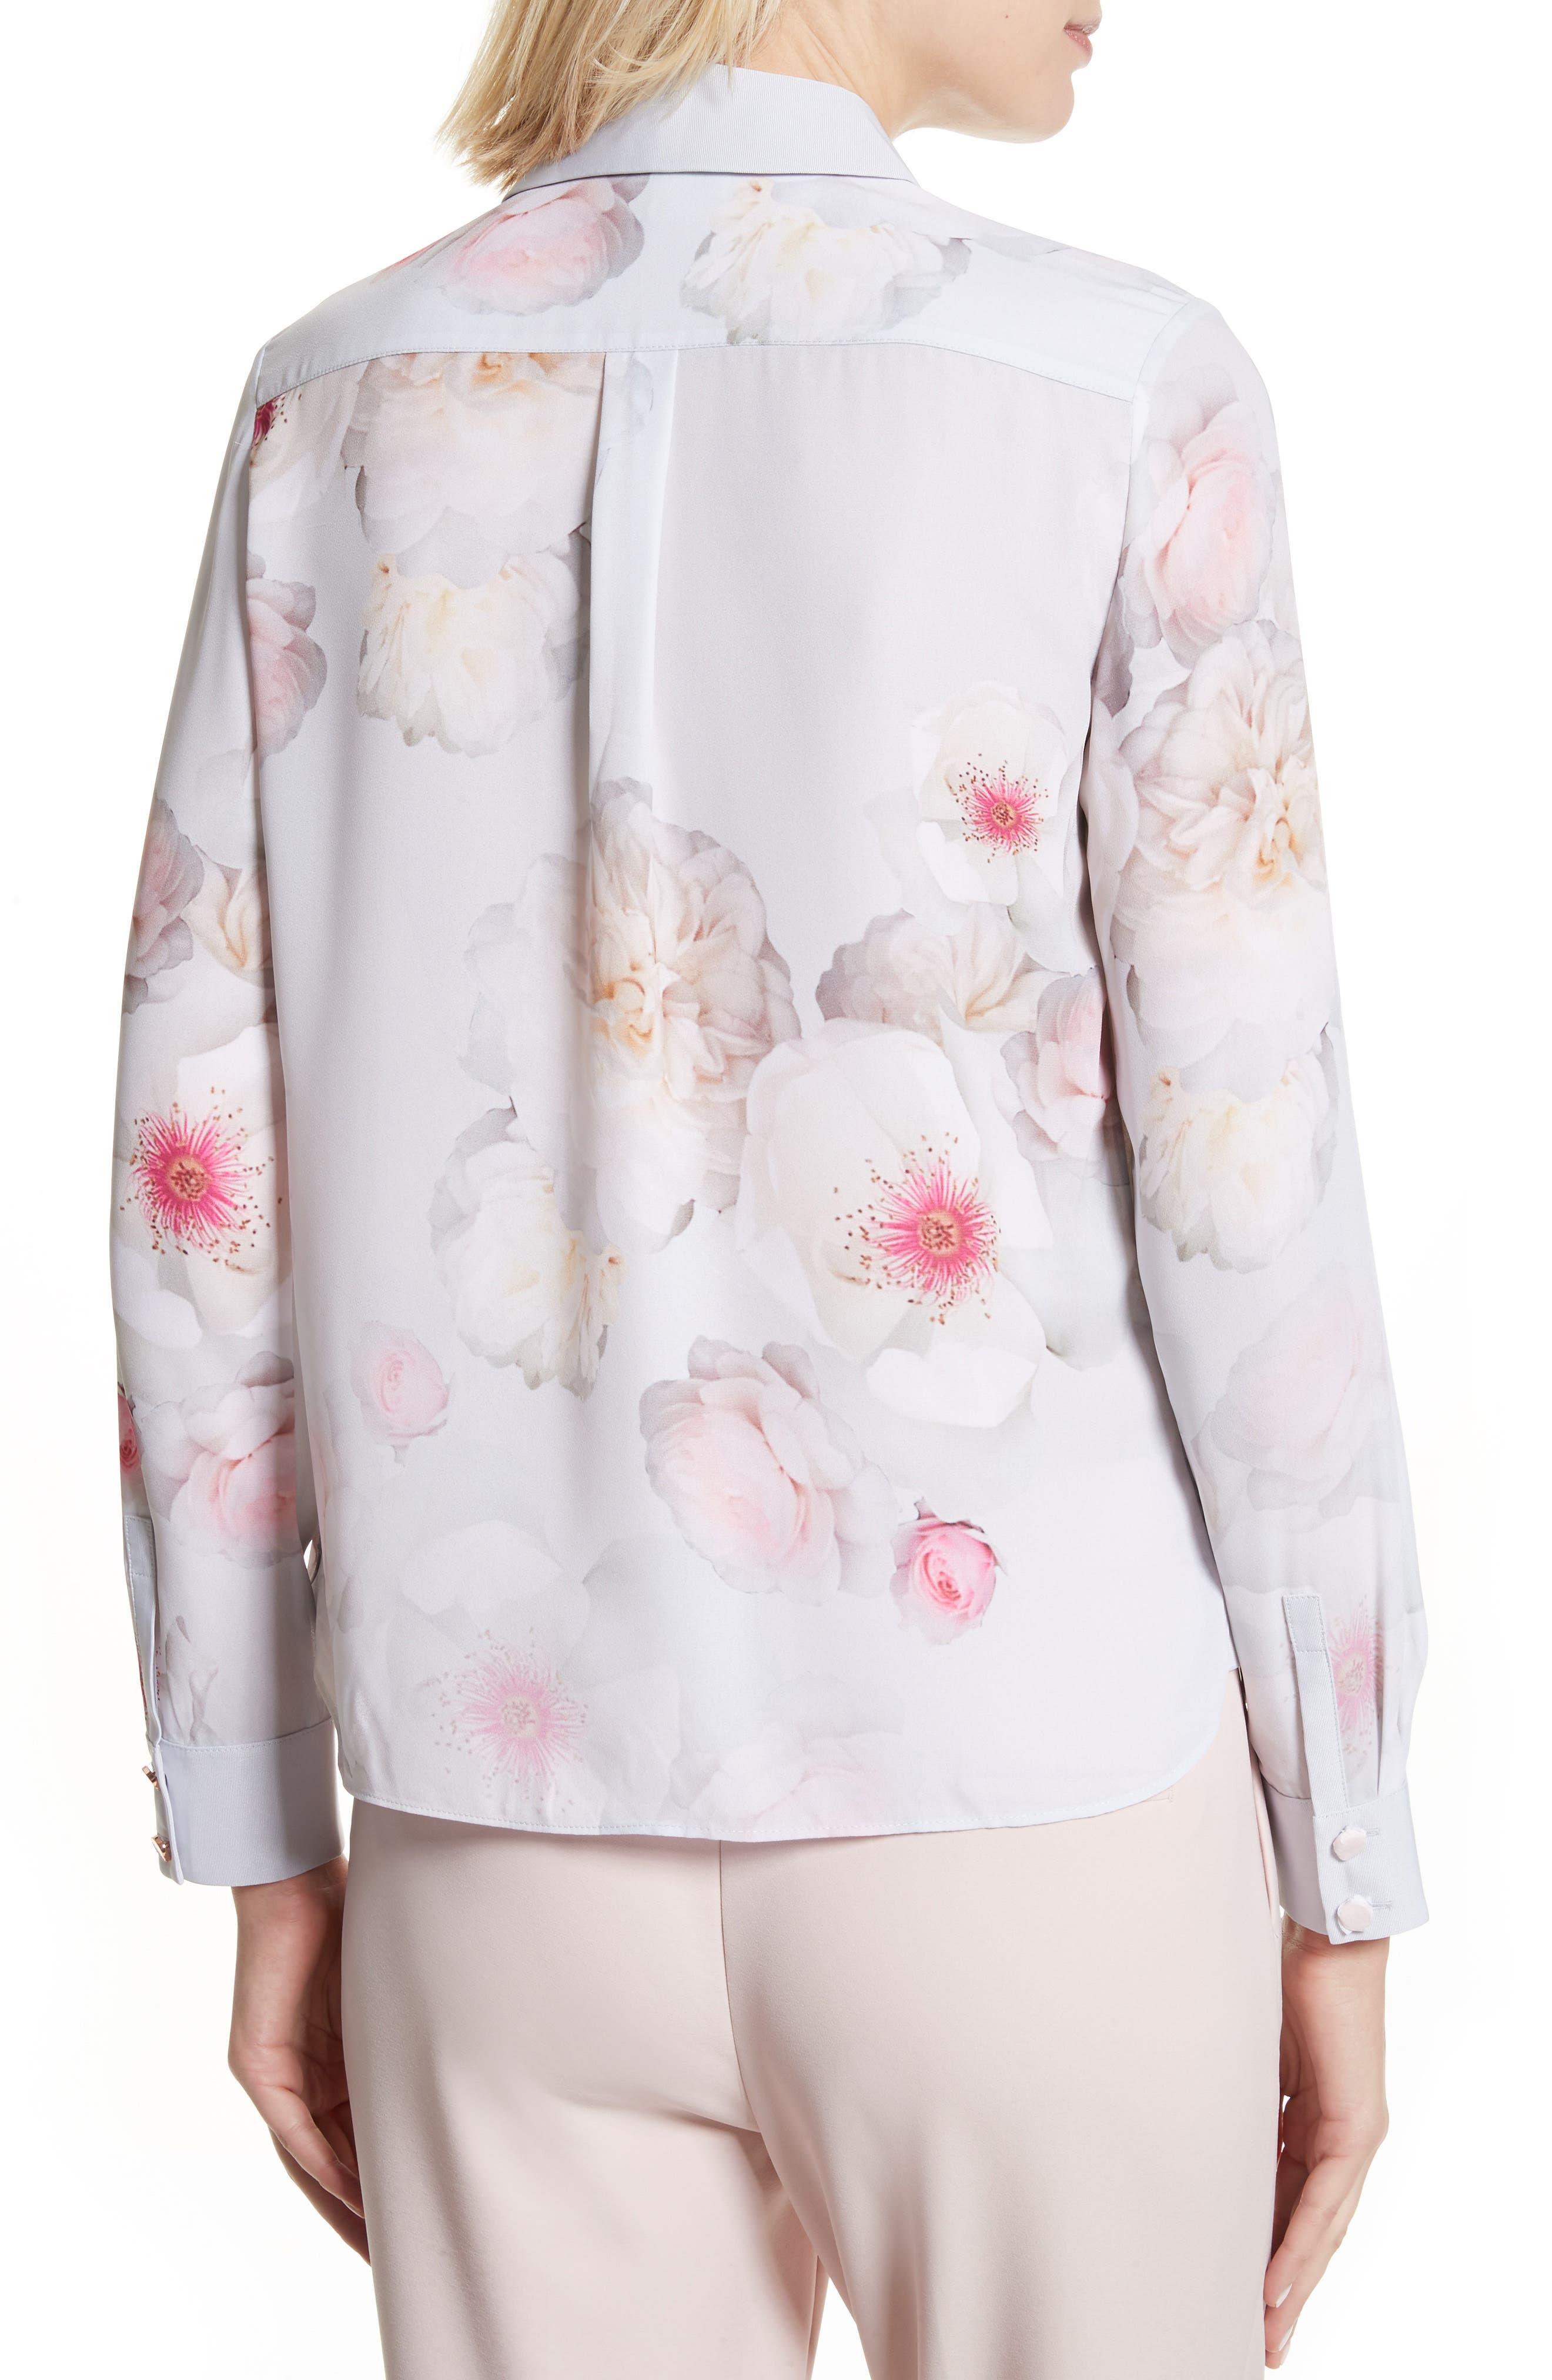 Relar Chelsea Grey Flower Print Shirt,                             Alternate thumbnail 2, color,                             021